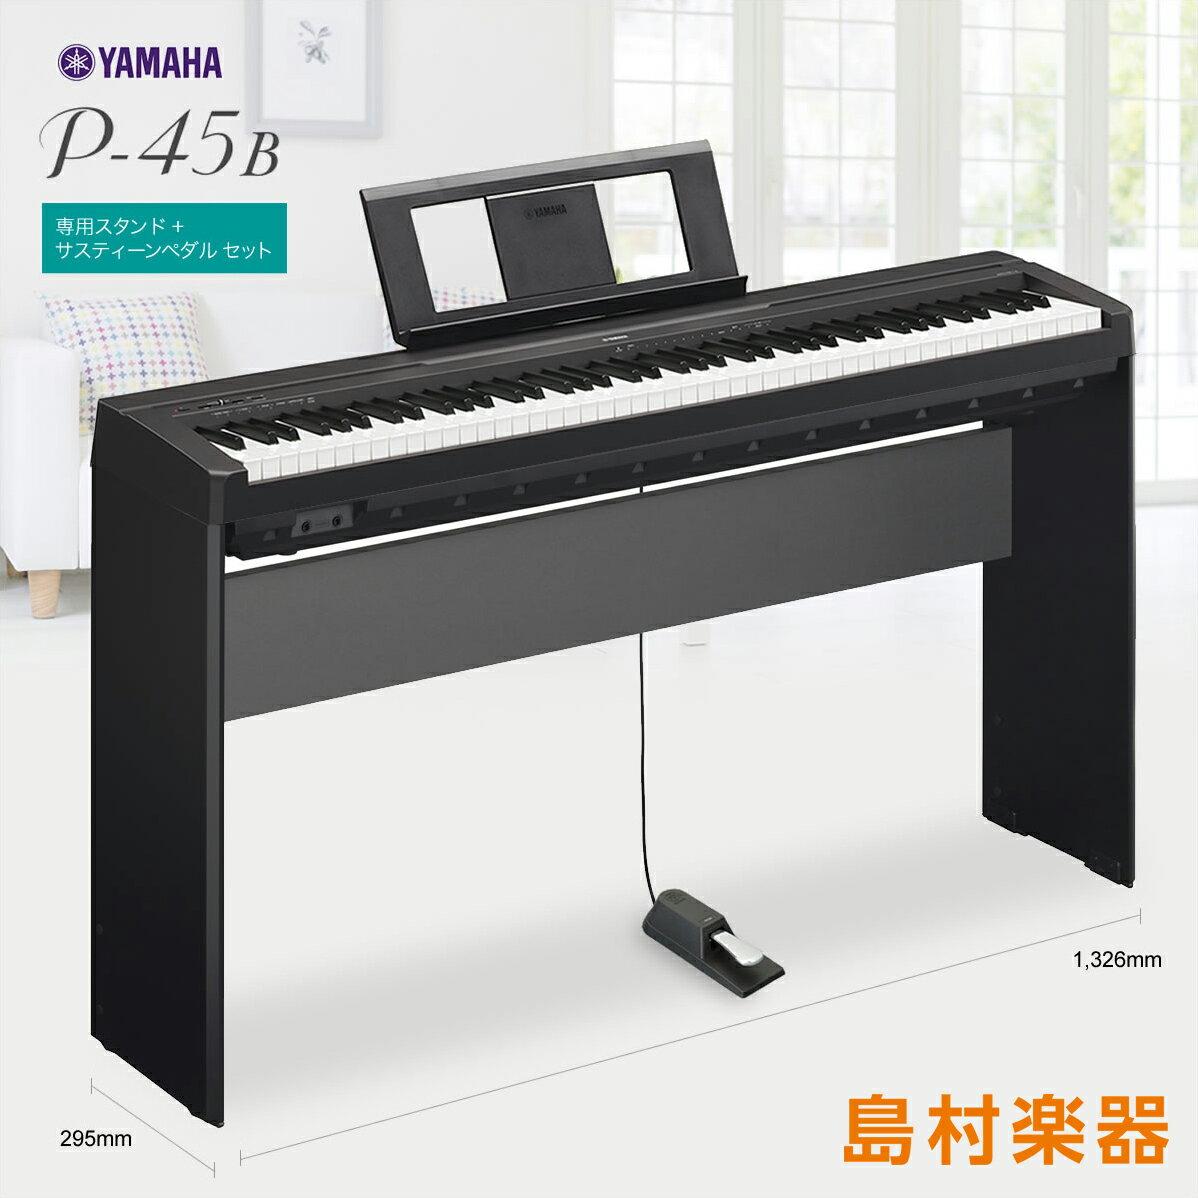 YAMAHA P-45B & 専用スタンド &サスティーンペダルセット 電子ピアノ 88鍵盤 【ヤマハ P45】 【オンラインストア限定】